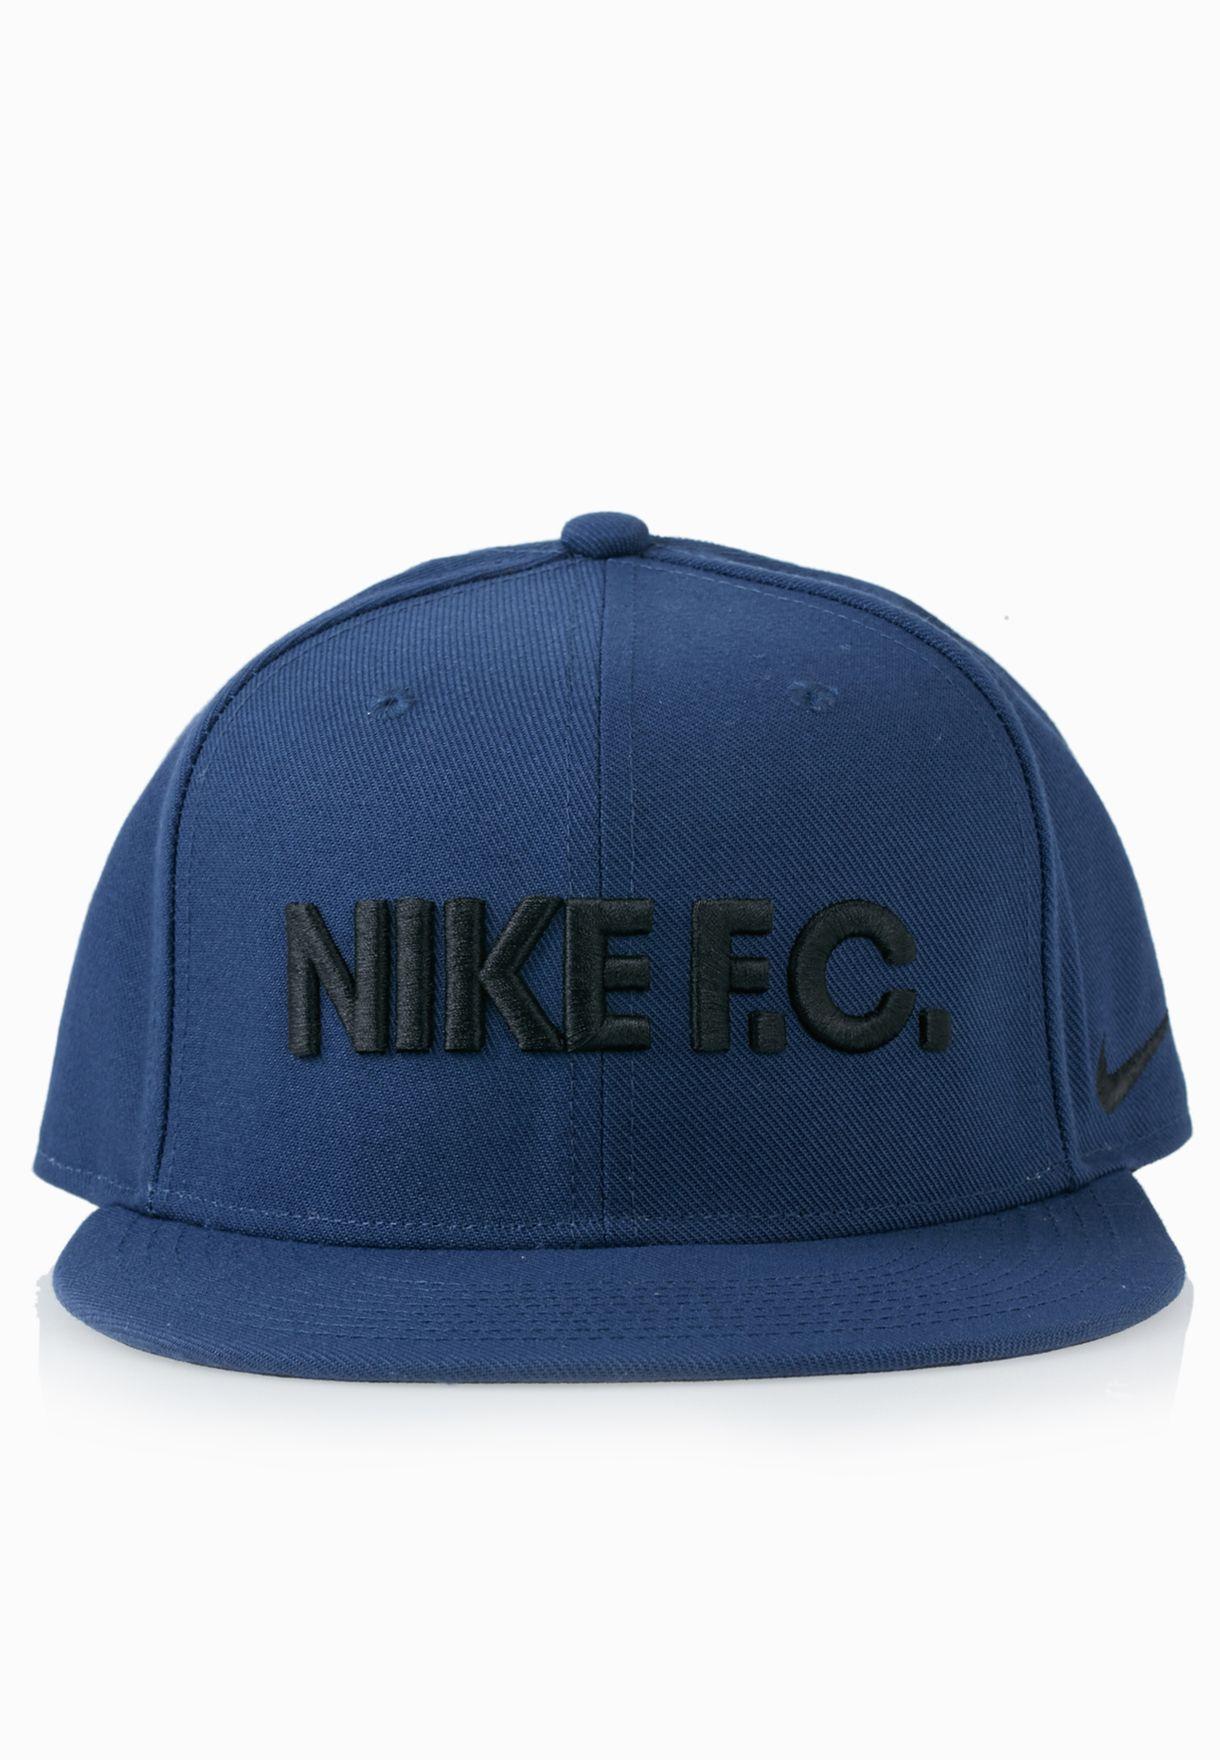 Shop Nike blue F.C. True Snapback Cap 715621-410 for Men in ... 57b3a1a2b01c